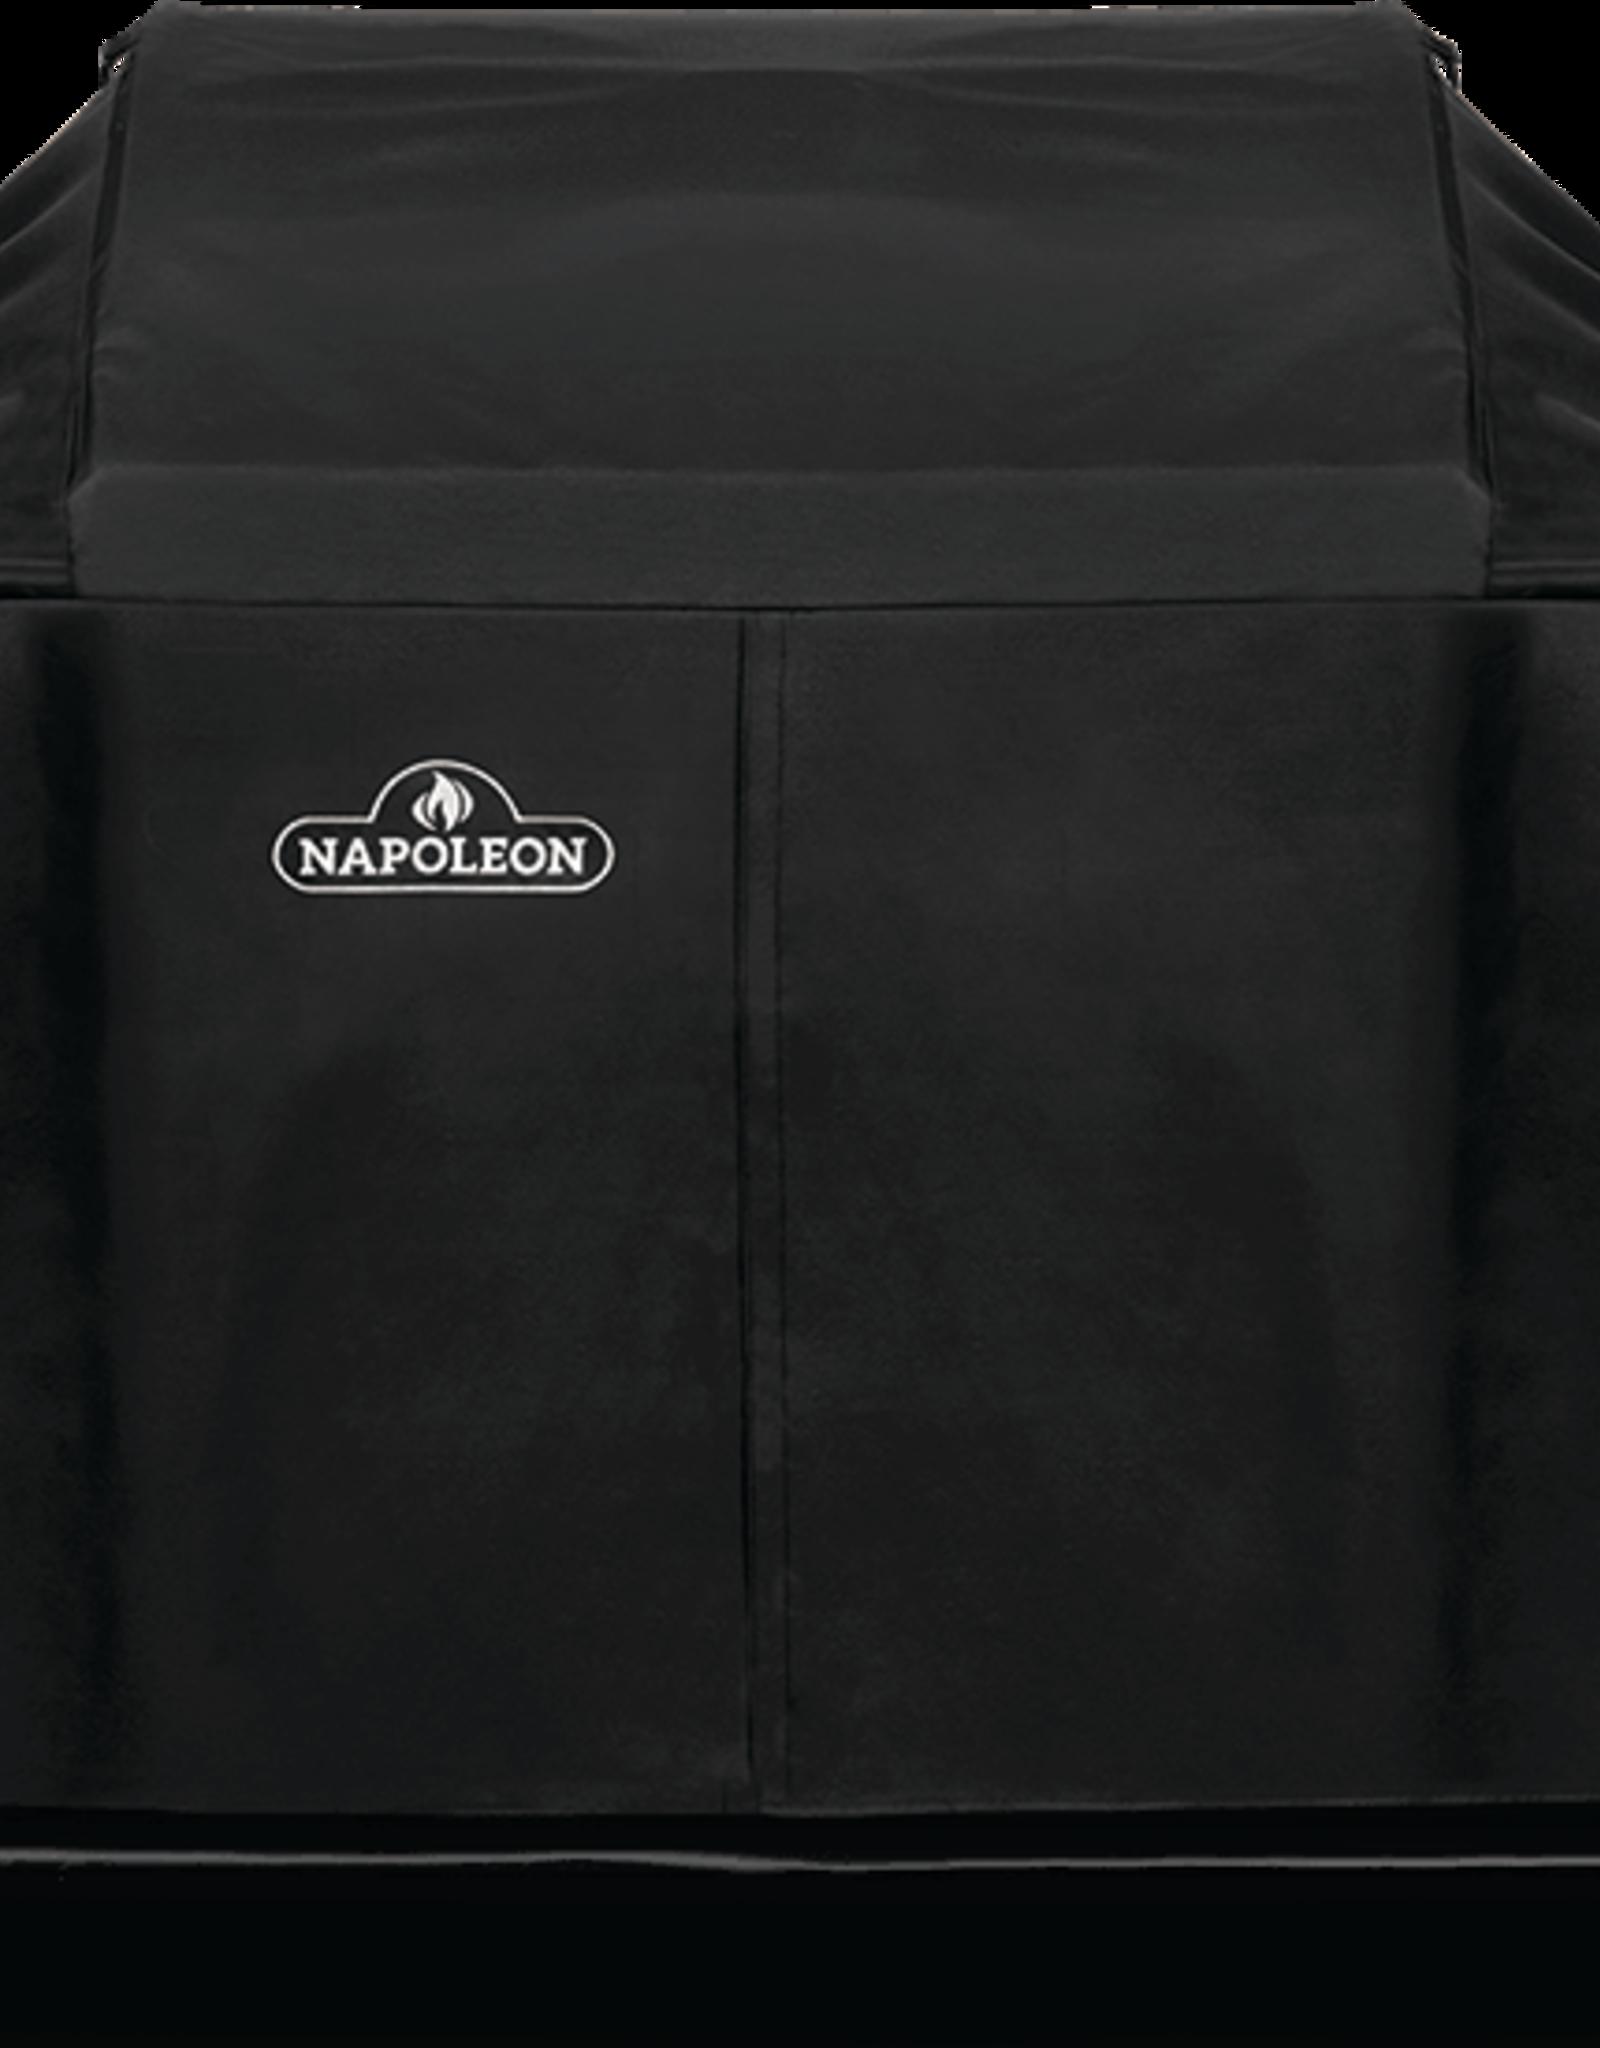 Napoleon Napoleon LEX 605 & PRO 605 Charcoal Grill Cover - 61605